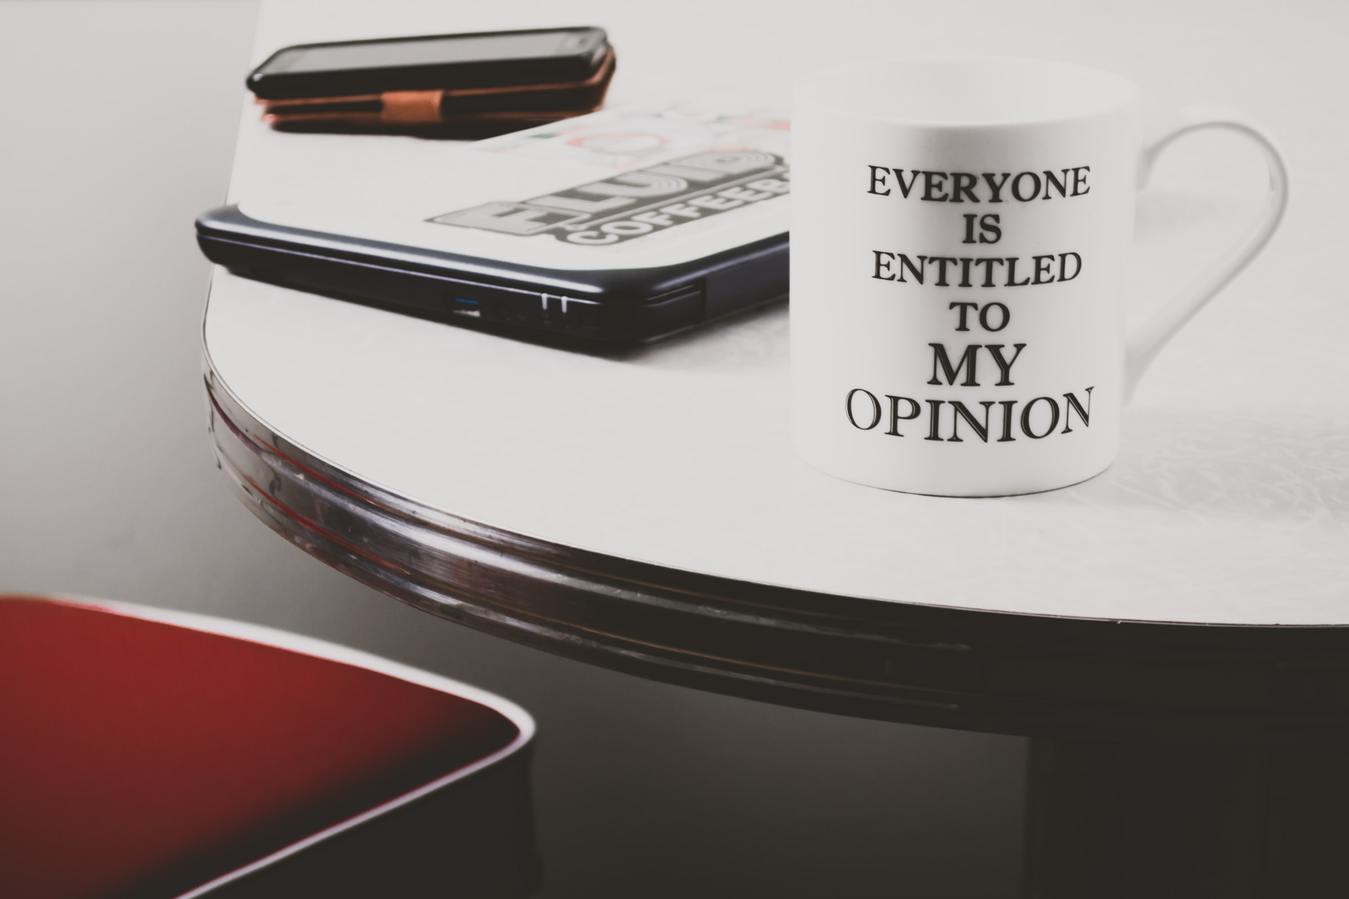 cốc ghi chữ everyone is entitled to my opinion trên bàn